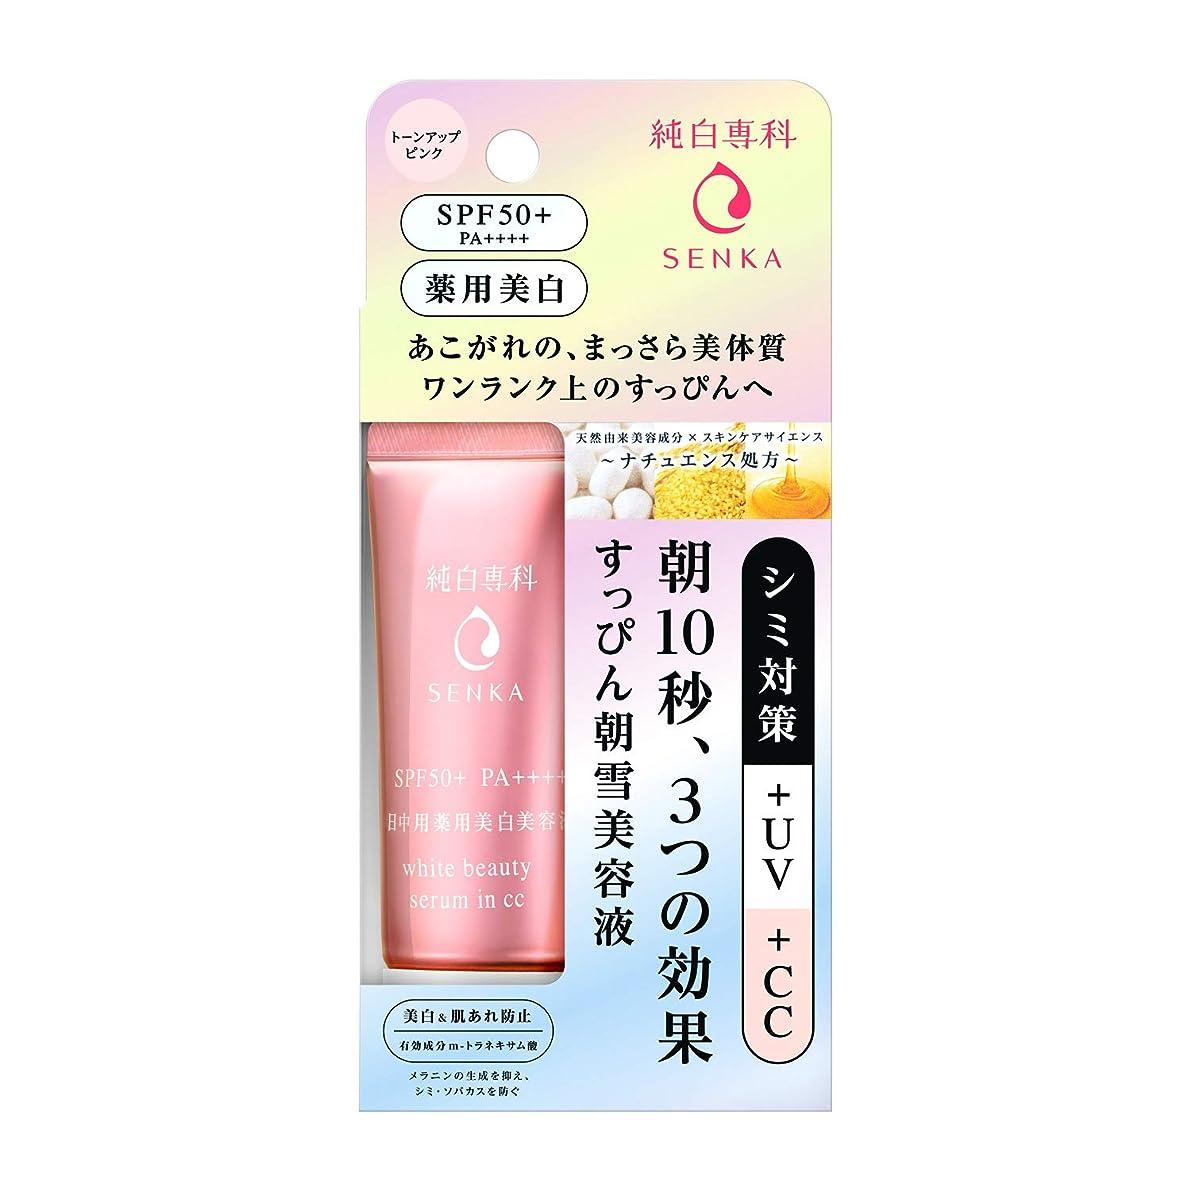 郵便局蚊爬虫類純白専科 すっぴん朝雪美容液 (医薬部外品) 40g